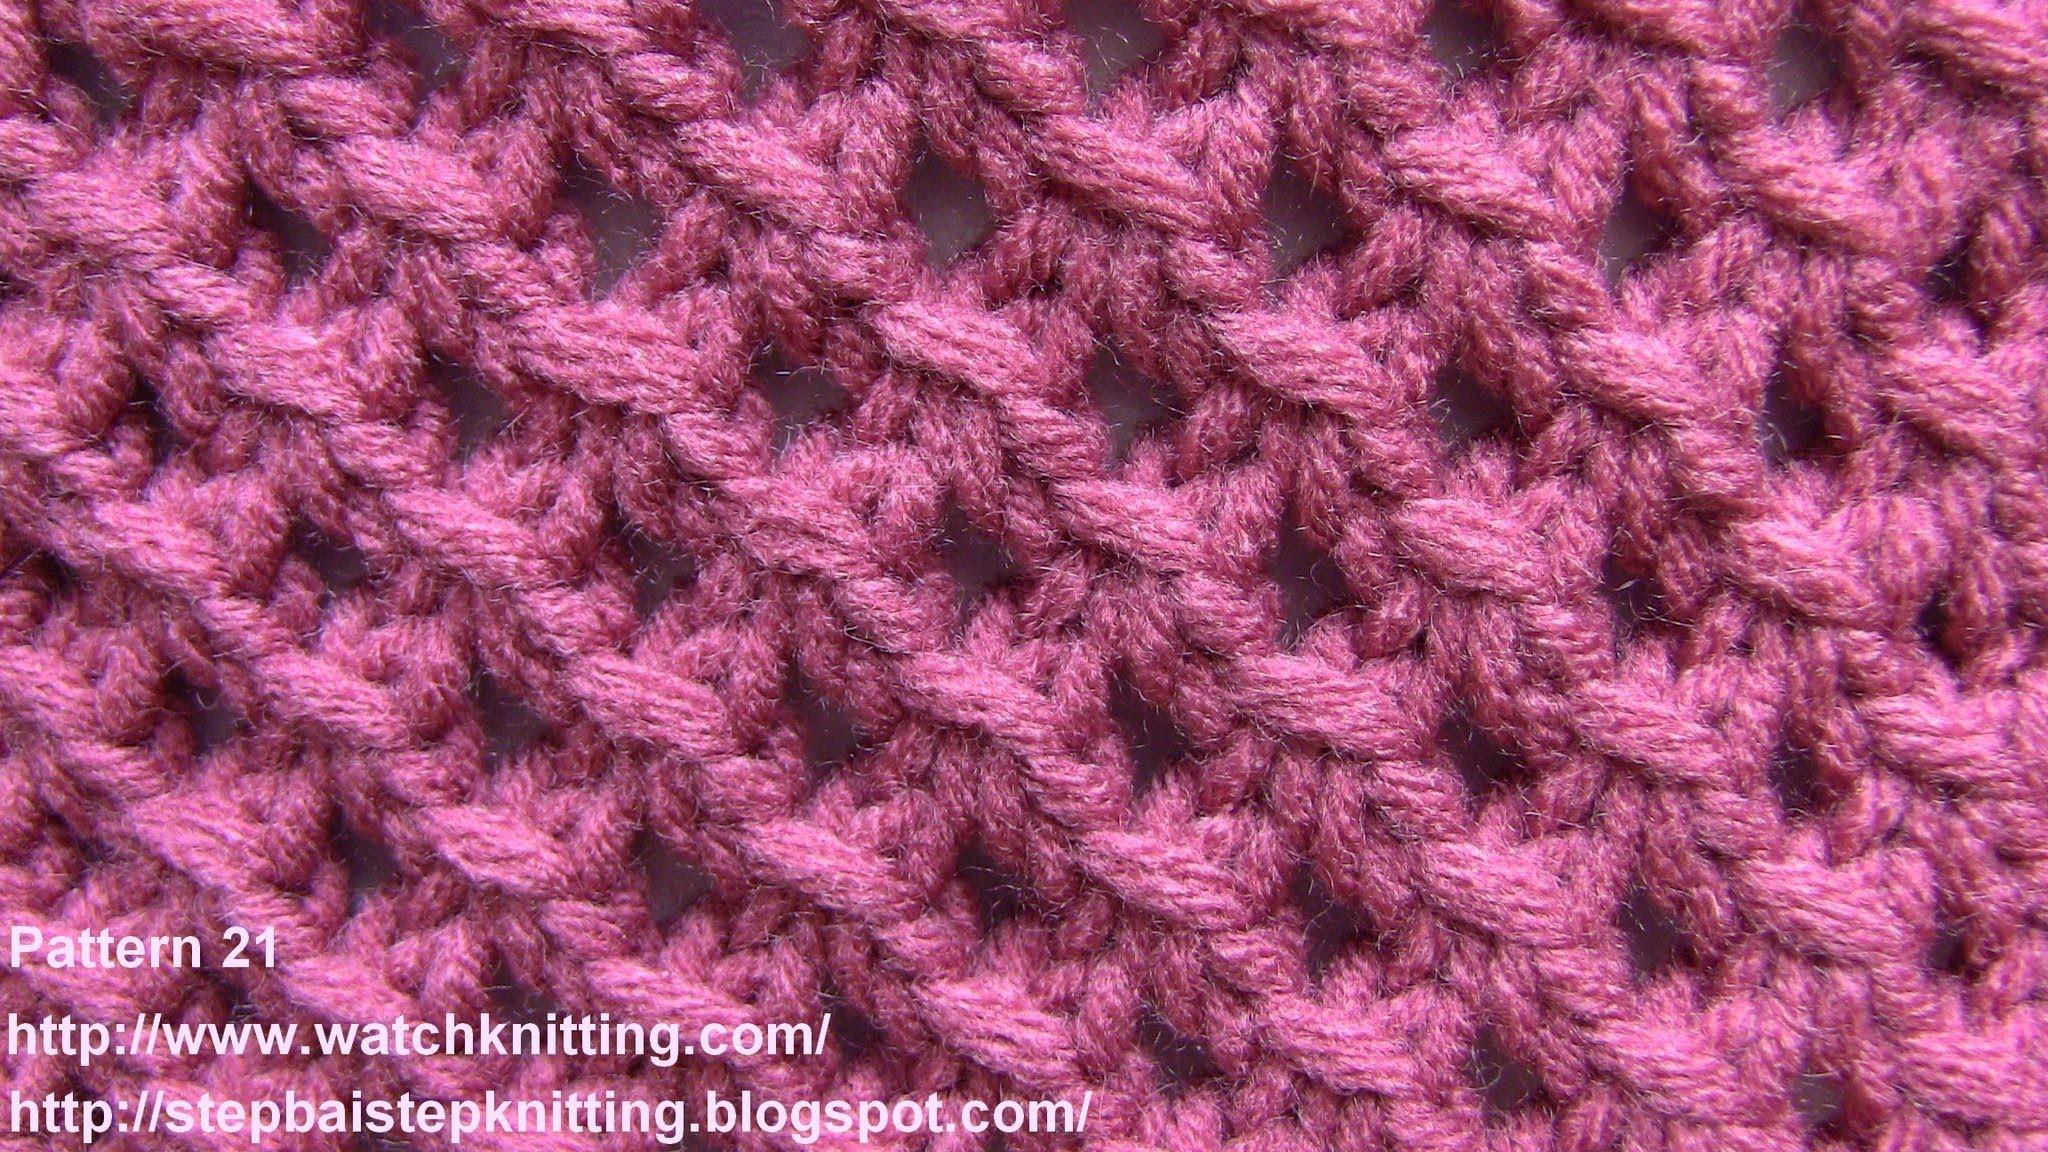 Lace Knitting Patterns- Free Knitting Tutorials - Watch Knitting- pattern 21 - Lattice grid